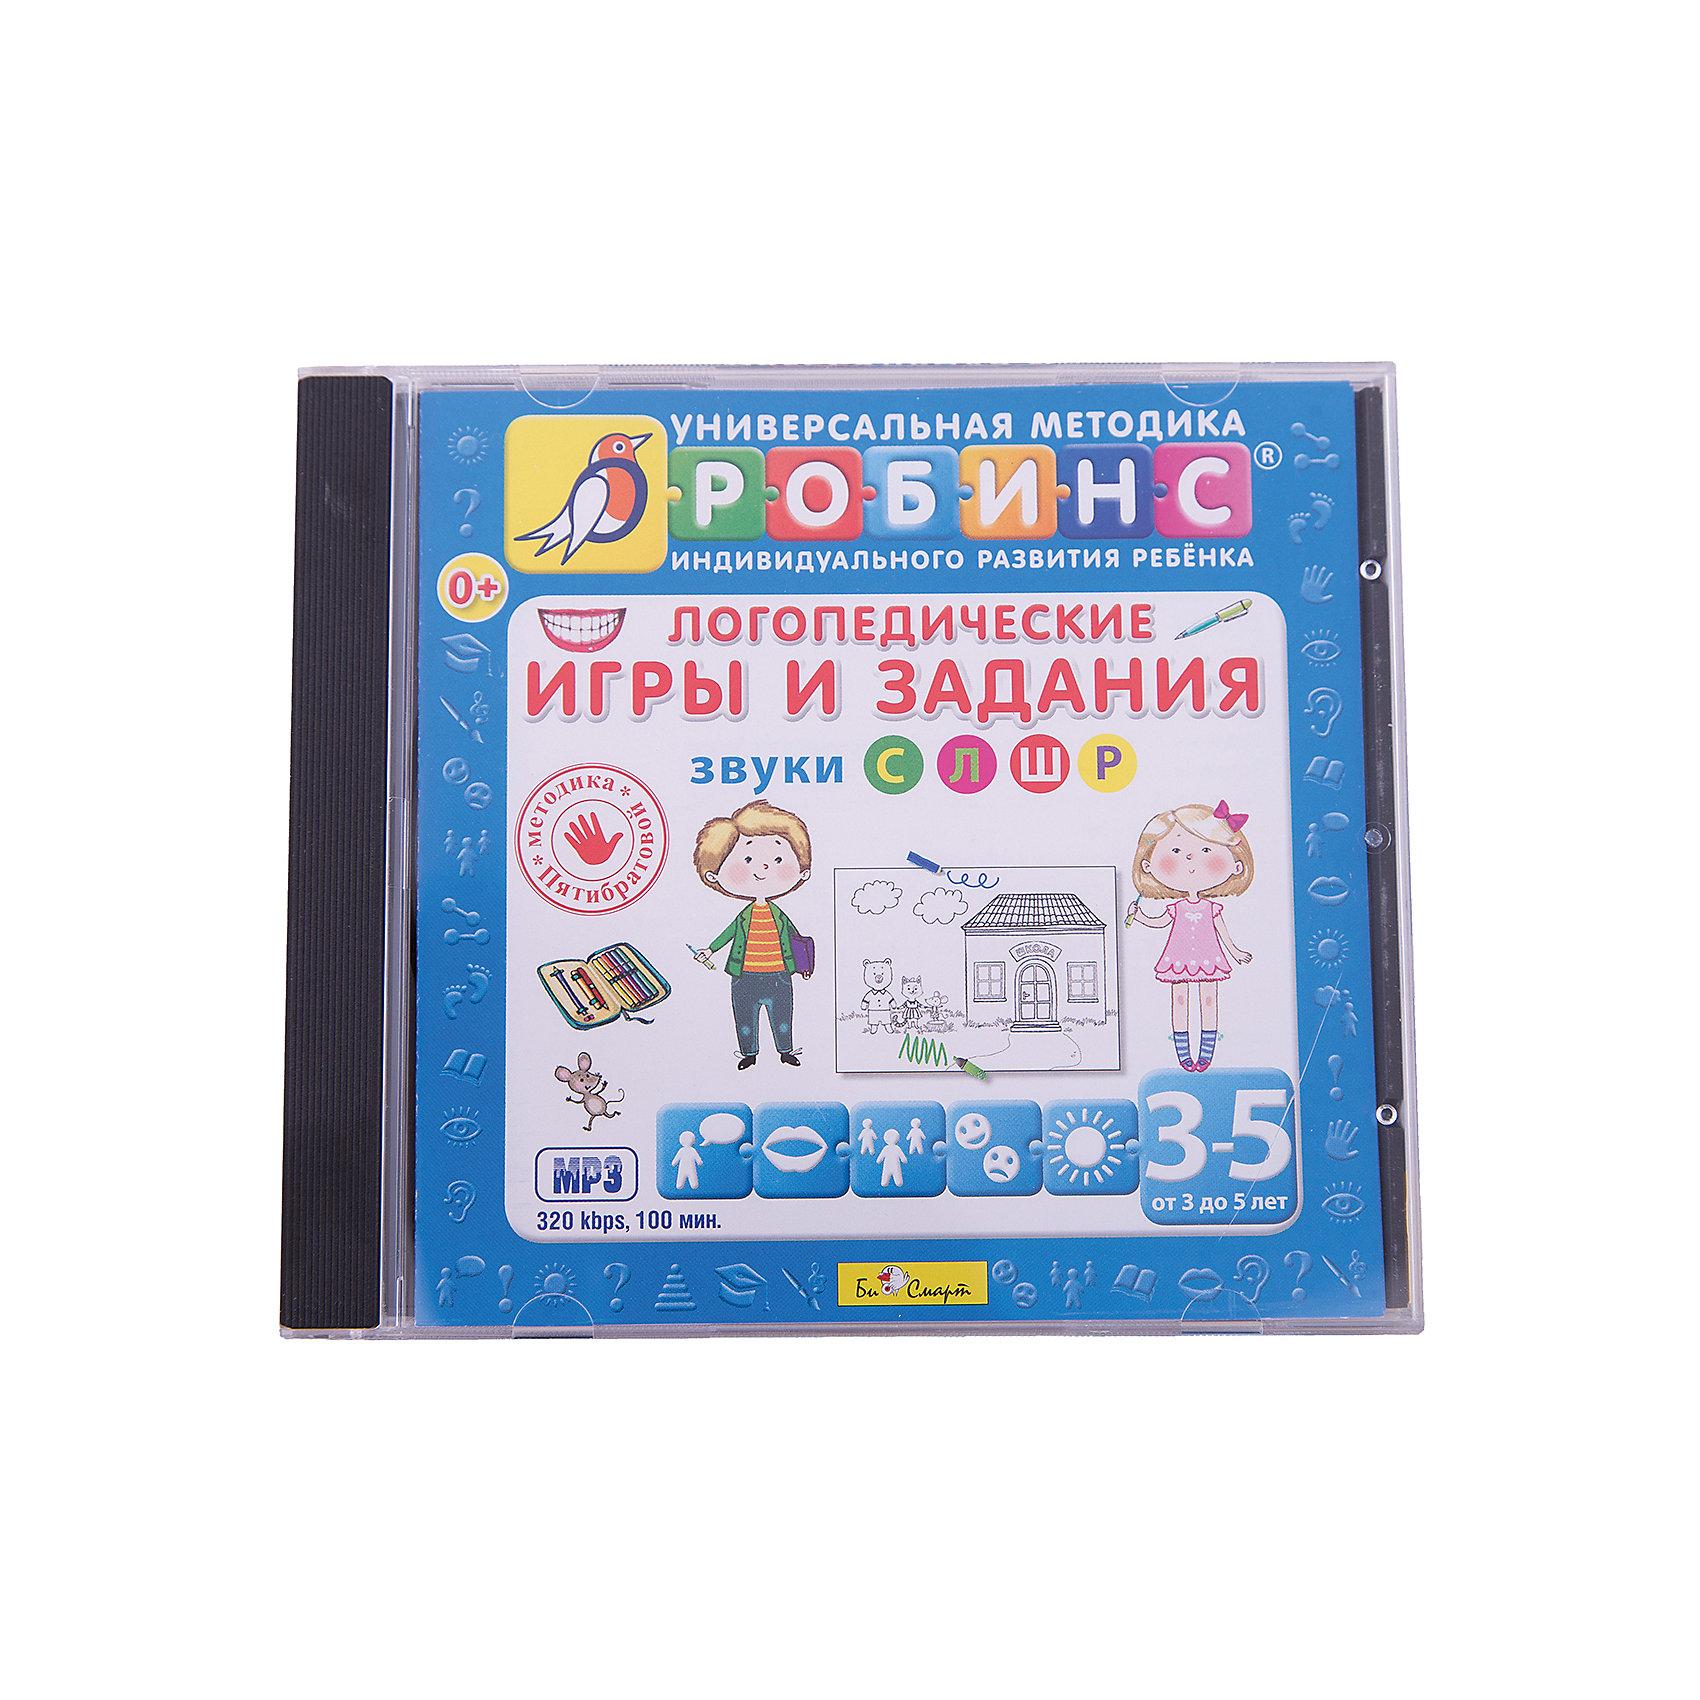 Логопедические игры и задания (Звуки С, Л, Ш, Р), MP3, Би СмартТесты и задания<br>Логопедические игры и задания (Звуки С, Л, Ш, Р), MP3, Би Смарт - эффективный способ увлечь ребёнка речевыми занятиями.<br>Каждому родителю очень хочется, чтобы речь малыша была красивой и понятной. Увы, не всегда это получается у детей легко. Бывает, что над  чистым произношением приходится потрудиться всем: и родителю, и специалисту, и маленькому ученику. Дети, как известно, народ непоседливый, и утомительные занятия с логопедом даются ох как непросто!<br>Если у Вашего малыша пусть пока плохо, но получаются звуки «С», «Л», «Ш», «Р», то смело включайте диск. Упражняясь в произнесении нужного звука (а это, поверьте, без игры очень скучное дело), малыш будет и повторять слова, и играть, и веселиться. Двигайтесь в играх с малышом так, как задумано на диске - от простого (учимся произносить звук изолированно и в слогах) к сложному (произносим звук в словах, предложениях и текстах). Это пособие вы можете использовать как дополнительный материал к домашним заданиям логопеда, с которым занимается ваш малыш, и как пособие для самостоятельных занятий с ребёнком. Диск содержит логопедические и дыхательные зарядки на звуки «С», «Л», «Ш» и «Р», а также много весёлых упражнений, которые сделают занятия малыша интересными и нескучными. Работа с каждым звуком описывается детально и понятно, поэтому заниматься с малышом смогут не только педагоги, но и родители. Благодаря этим упражнениям ребёнок сможет исправить дефекты произнесения проблемных звуков в необычной игровой форме.<br><br>Дополнительная информация:<br><br>- Диск содержит: логопедические и дыхательные зарядки на звуки «С», «Л», «Ш» и «Р», весёлые упражнения<br>- Общее время звучания: 100 мин<br>- А втор: Н.В. Пятибратова<br><br>Диск «Логопедические игры и задания (Звуки С, Л, Ш, Р)», MP3, Би Смарт  можно купить в нашем интернет-магазине.<br><br>Ширина мм: 142<br>Глубина мм: 10<br>Высота мм: 125<br>Вес г: 79<br>Возраст от месяцев: 36<br>Воз